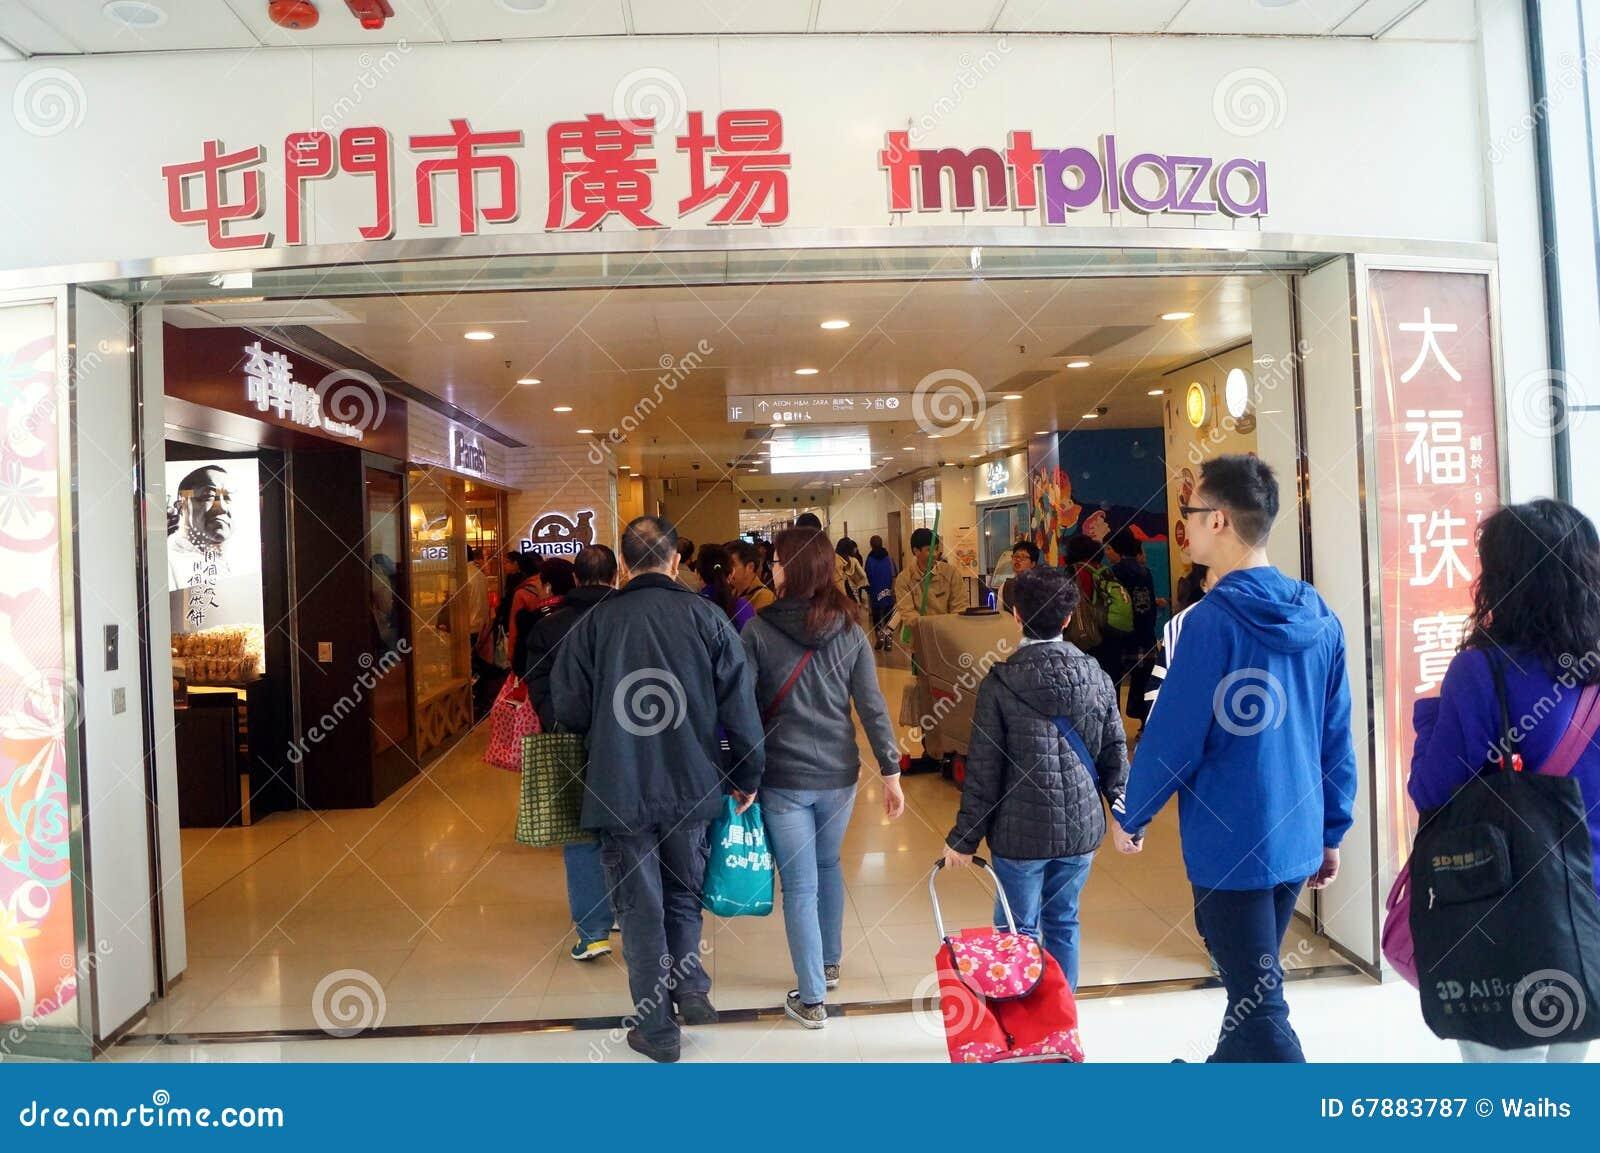 Hong Kong, China: Shopping